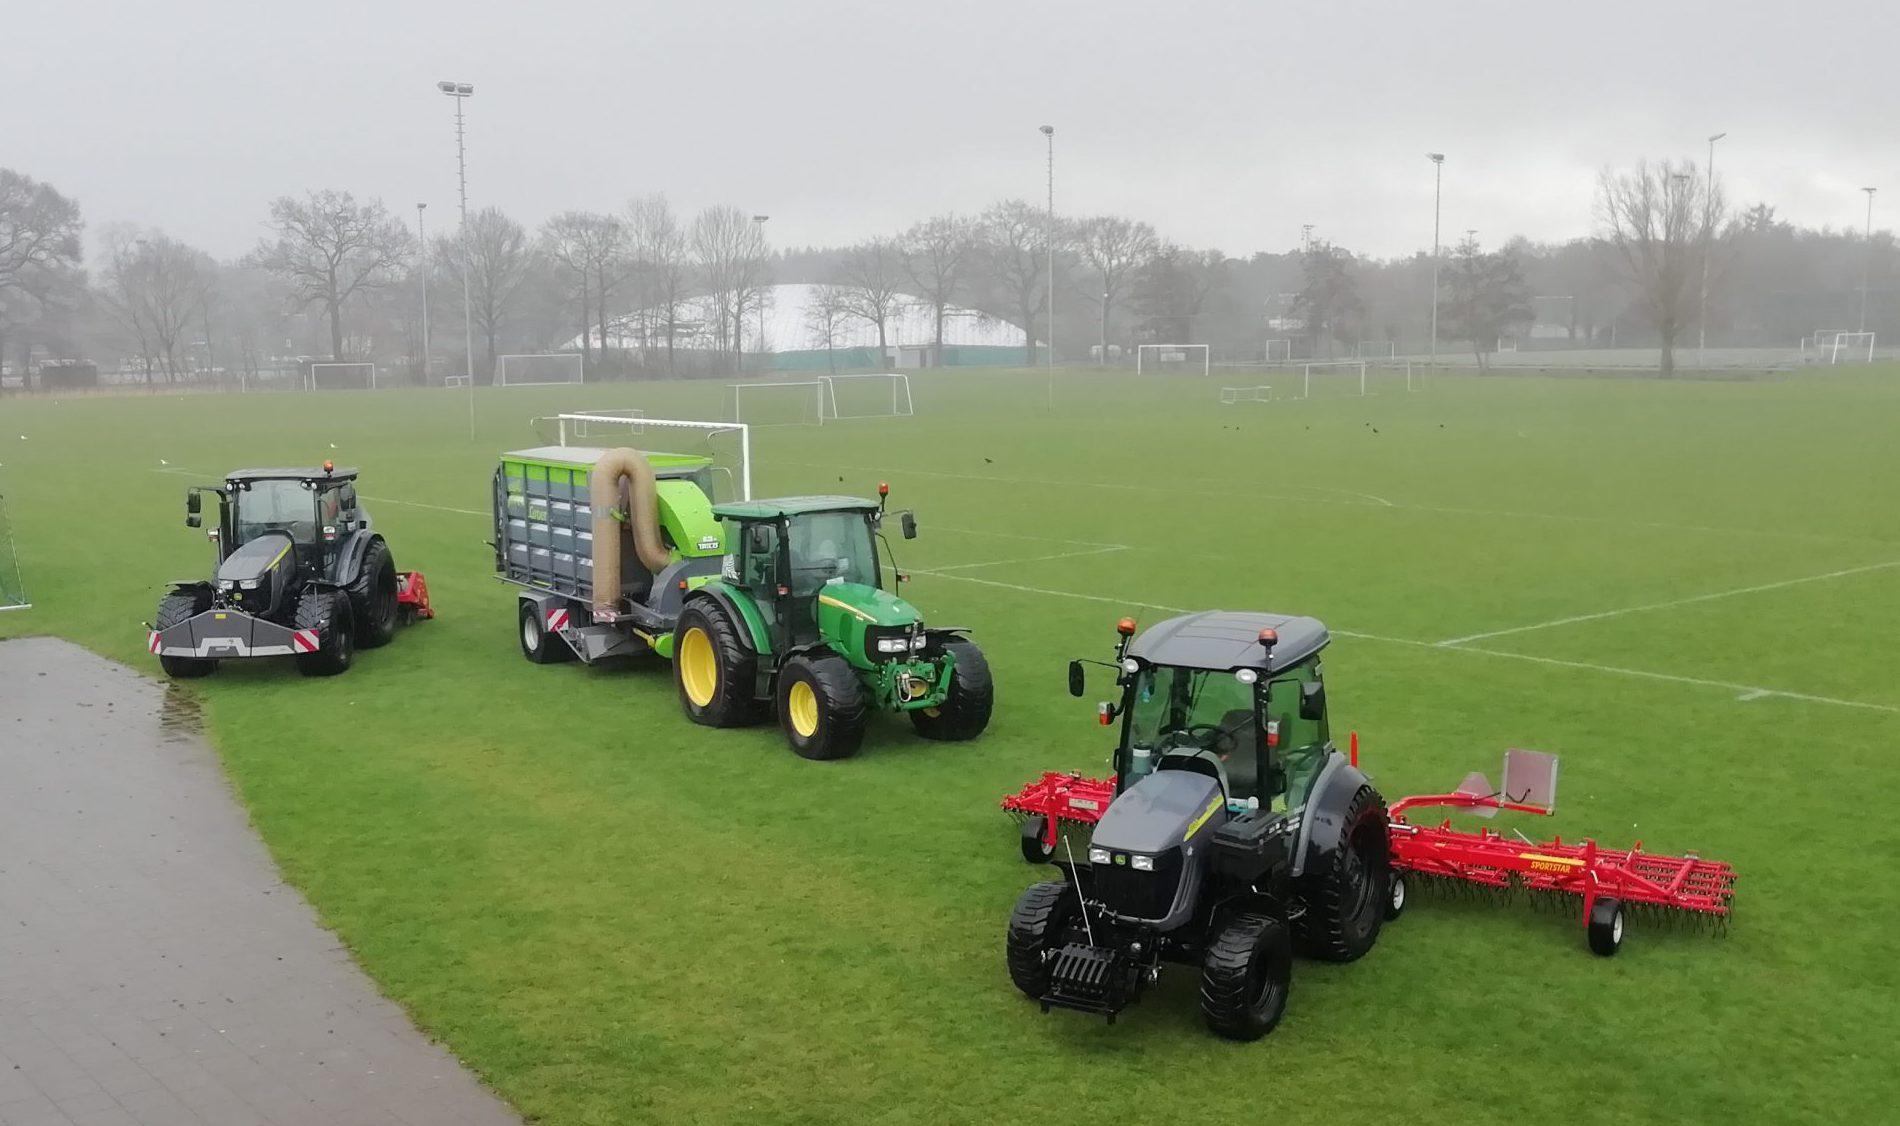 Het wagenpark van de beheerders van Koninklijke DC & FC Utile Dulci (Overijssel).